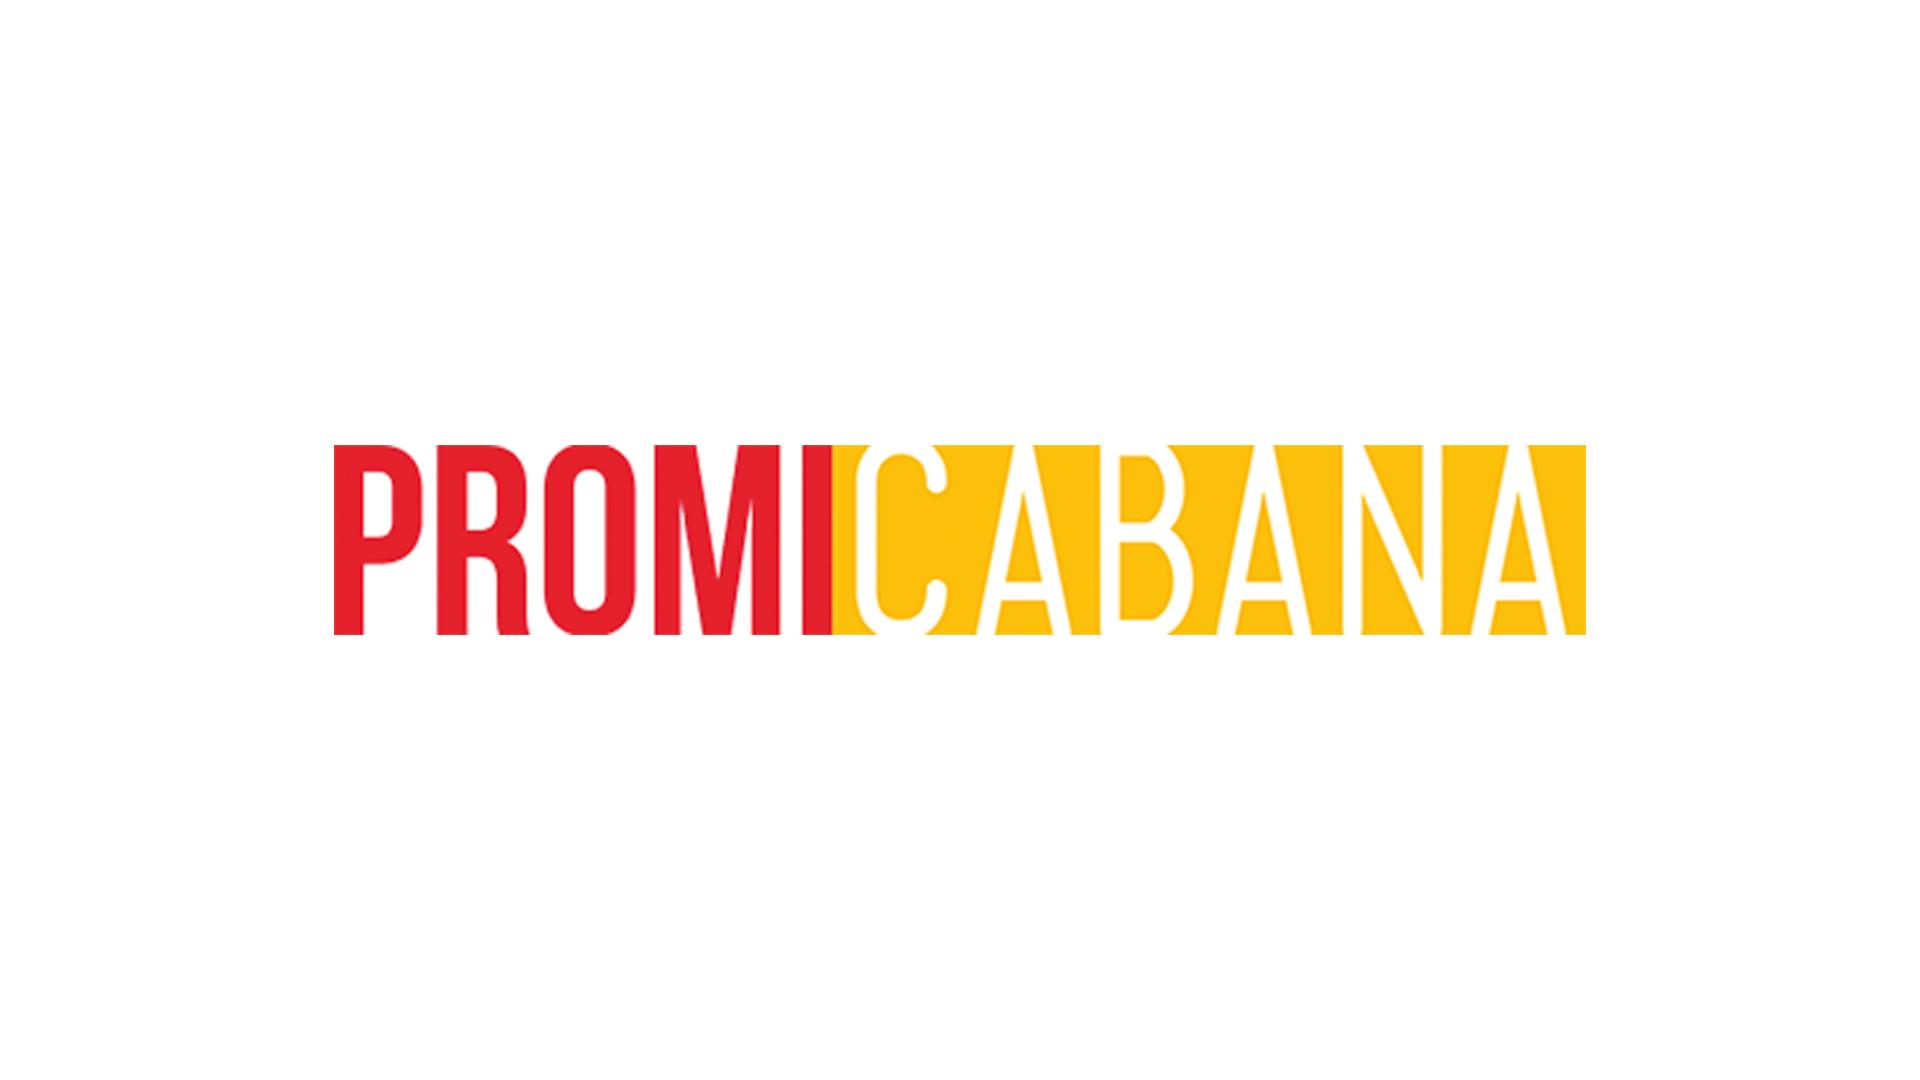 Liam-Hemsworth-Independence-Day-Wiederkehr-Premiere-1